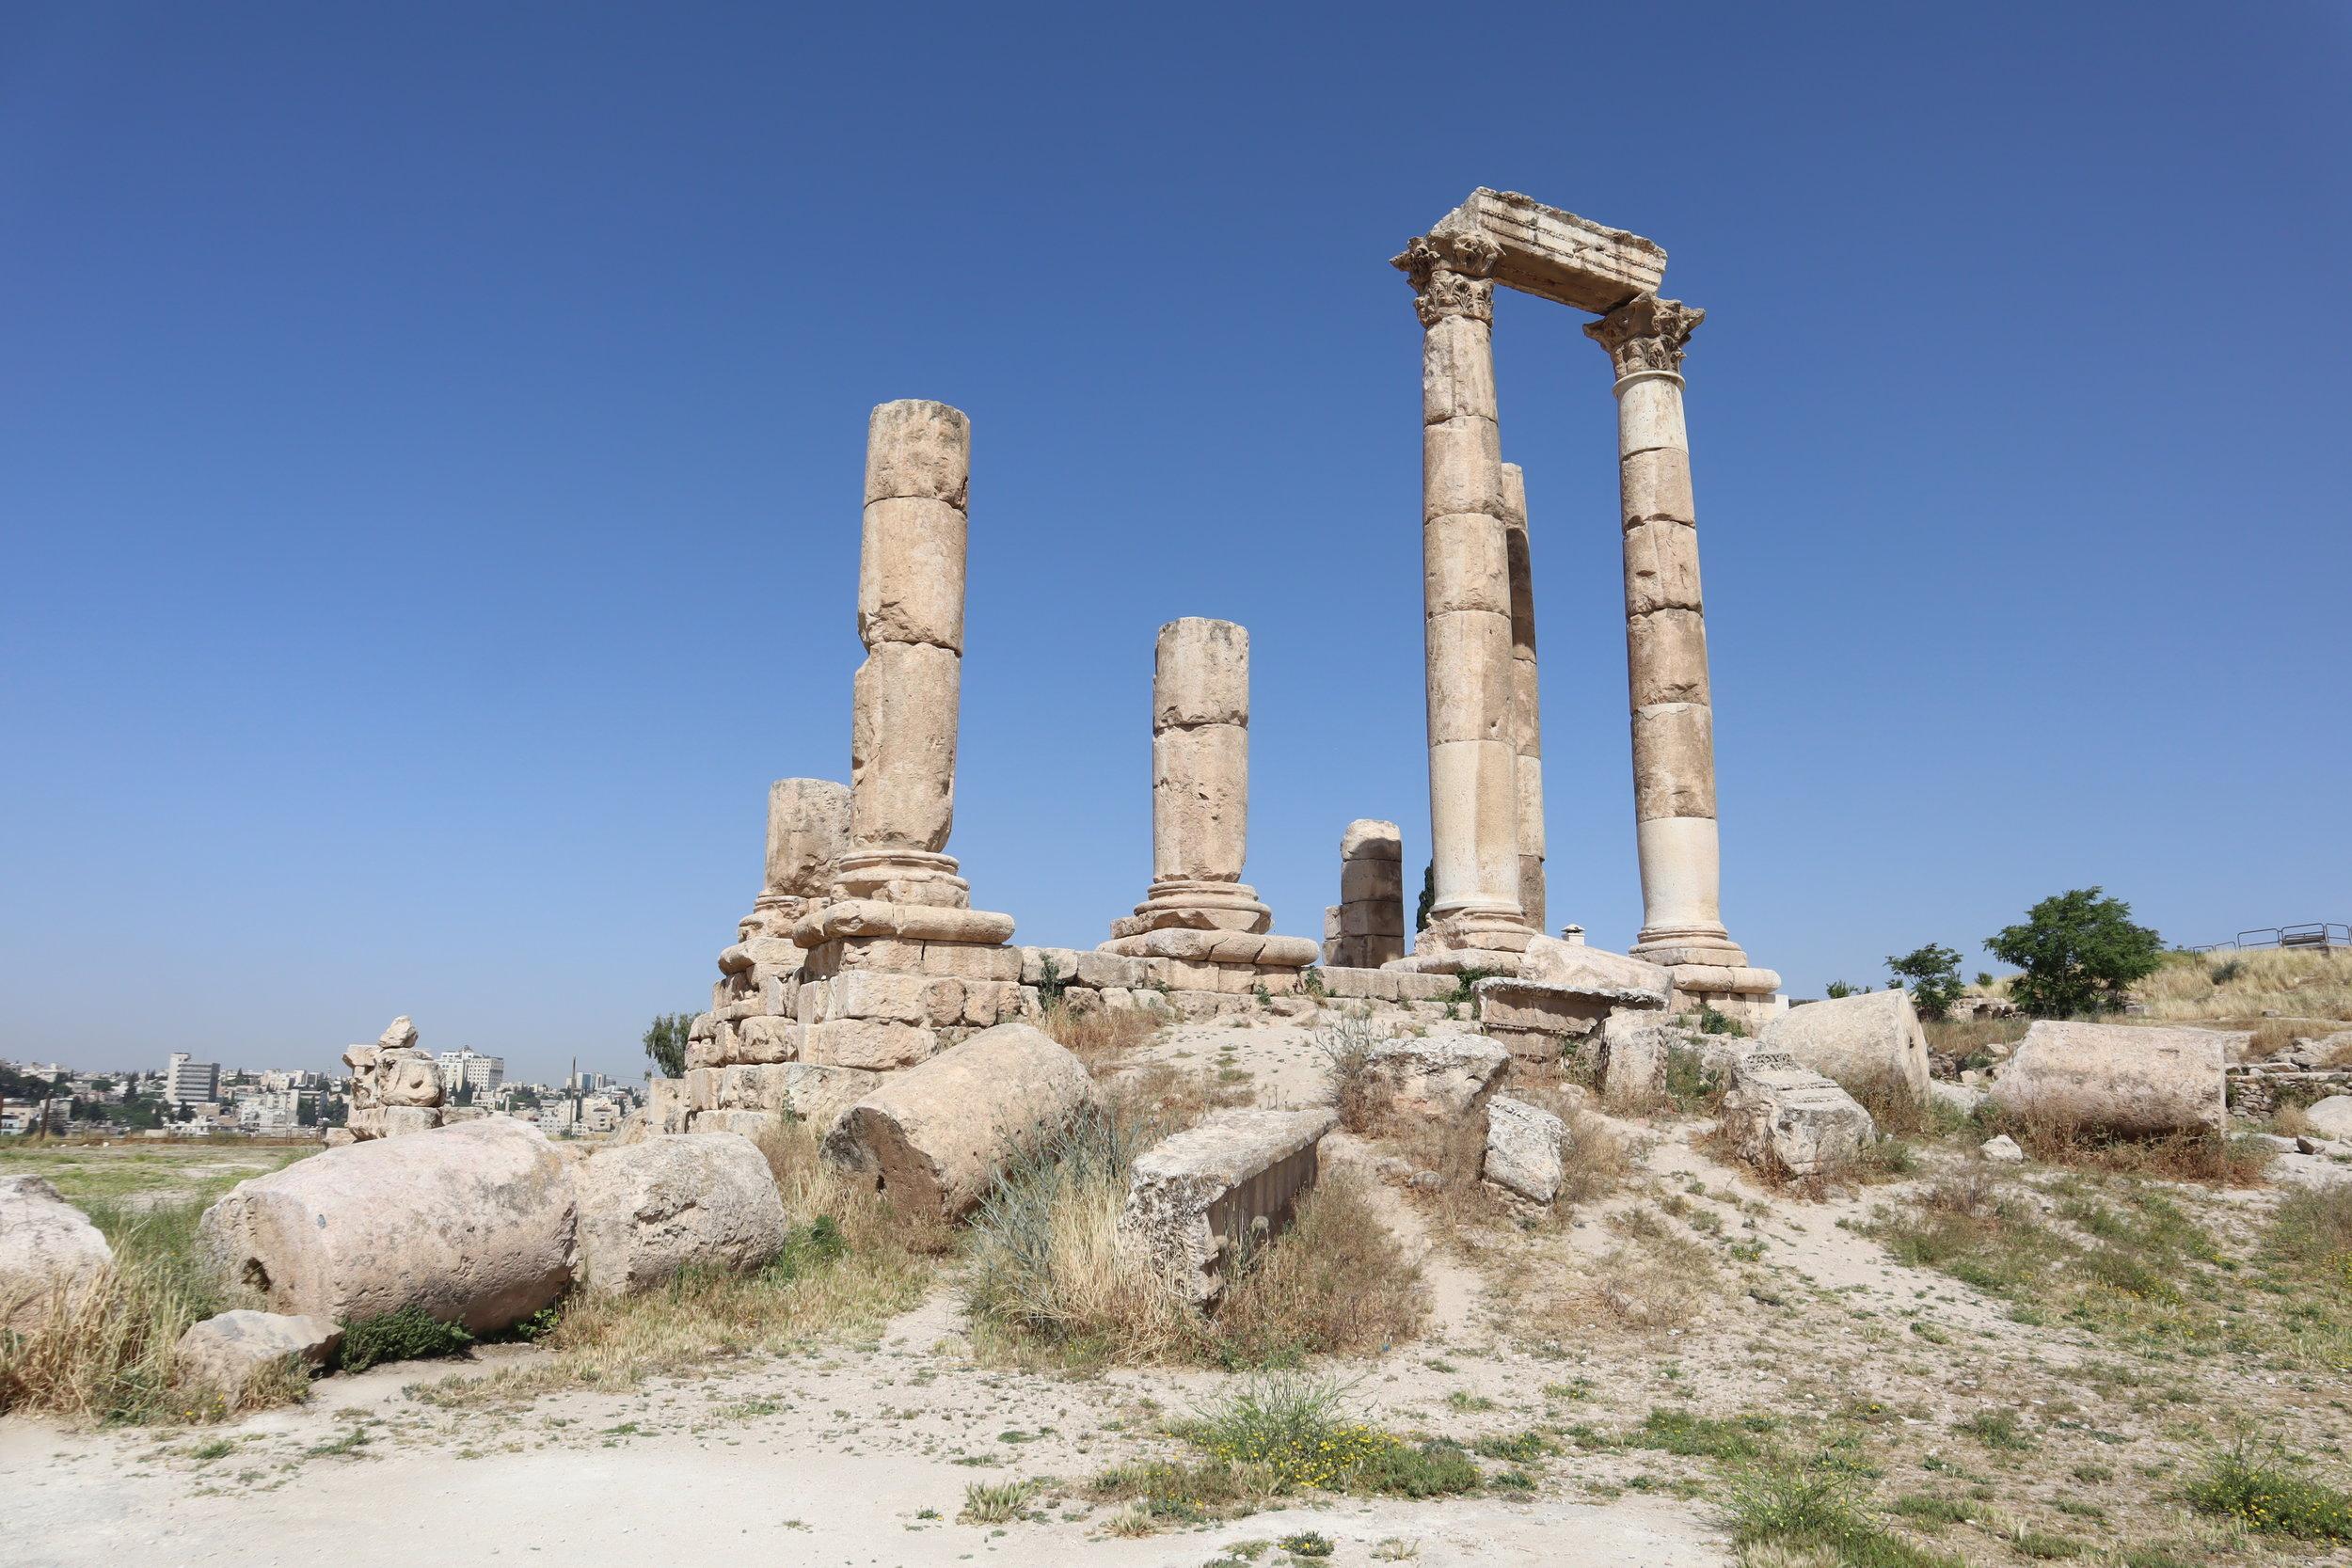 Amman Citadel – Temple of Hercules